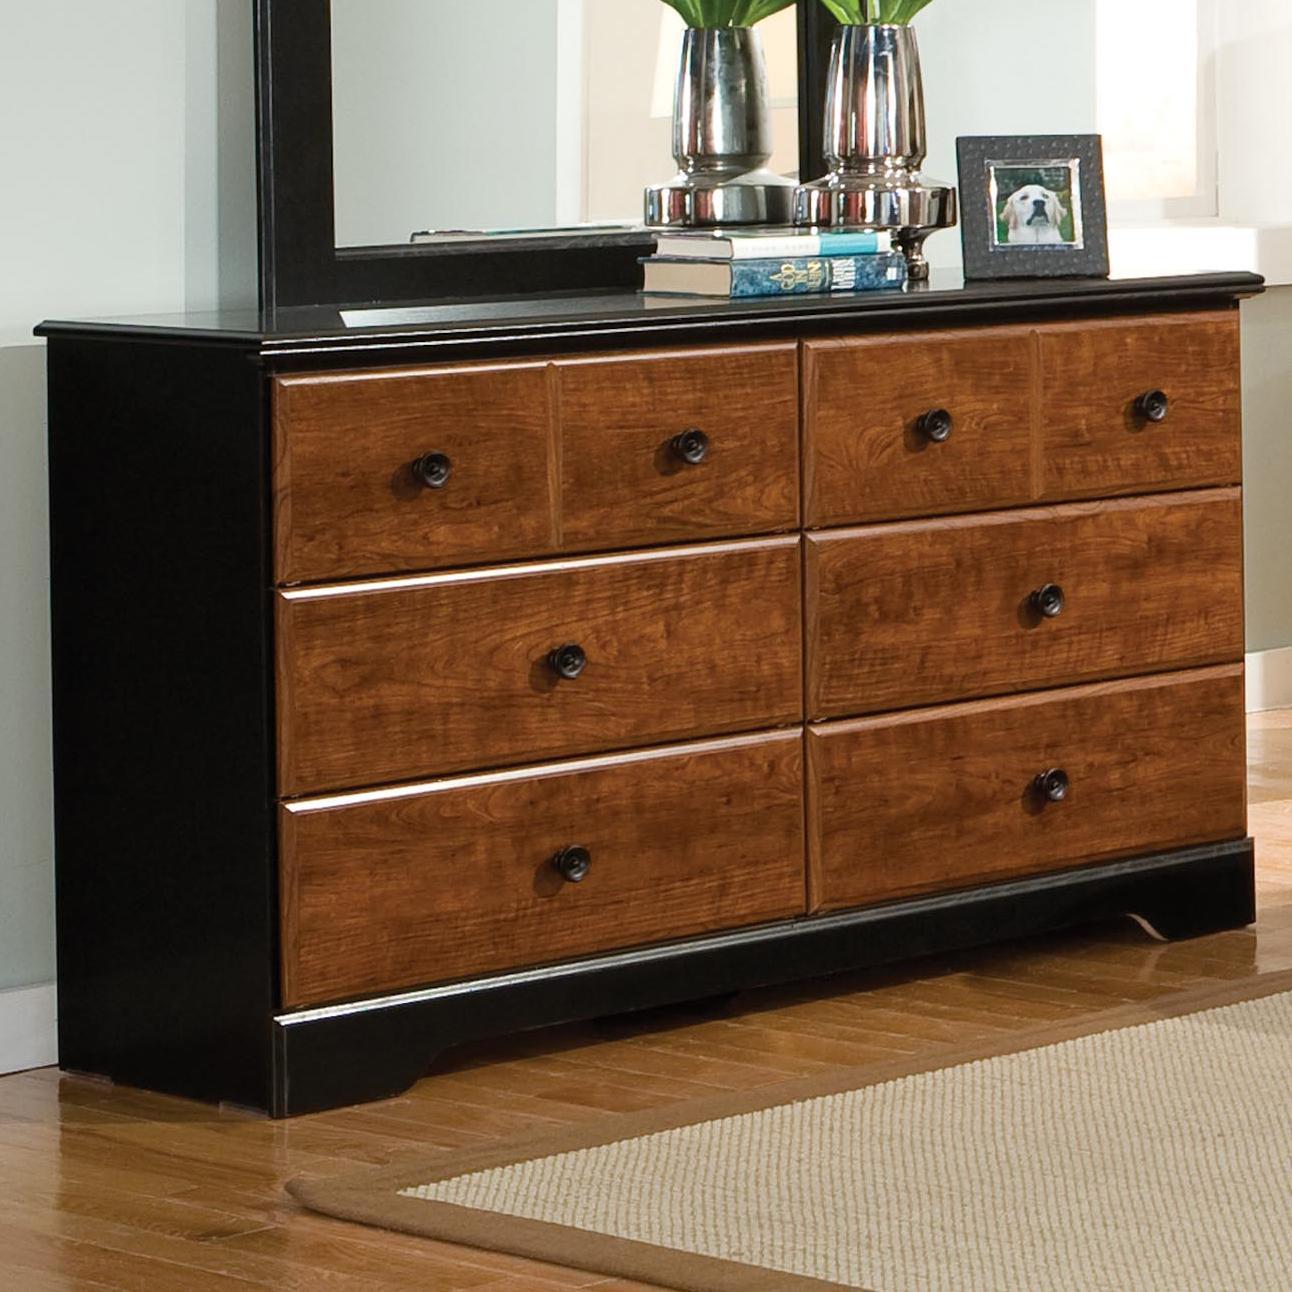 Standard Furniture Steelwood 6 Drawer Dresser - Item Number: 61259